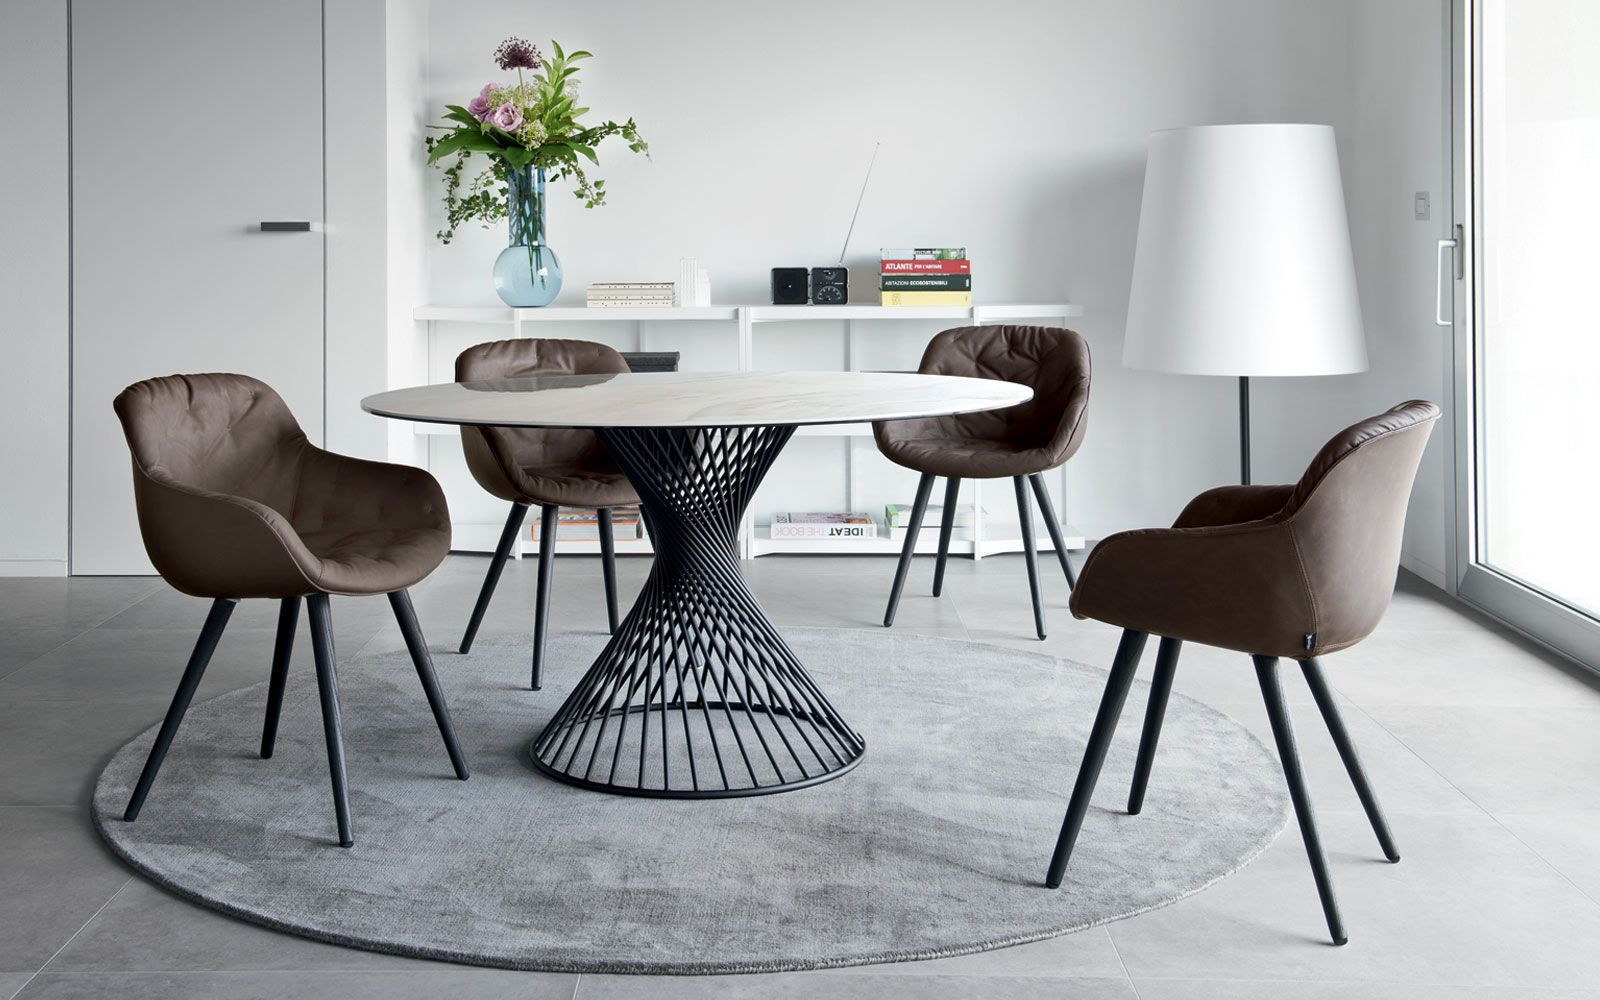 Calligaris Meubles modernes: Design italien pour la Maison ...